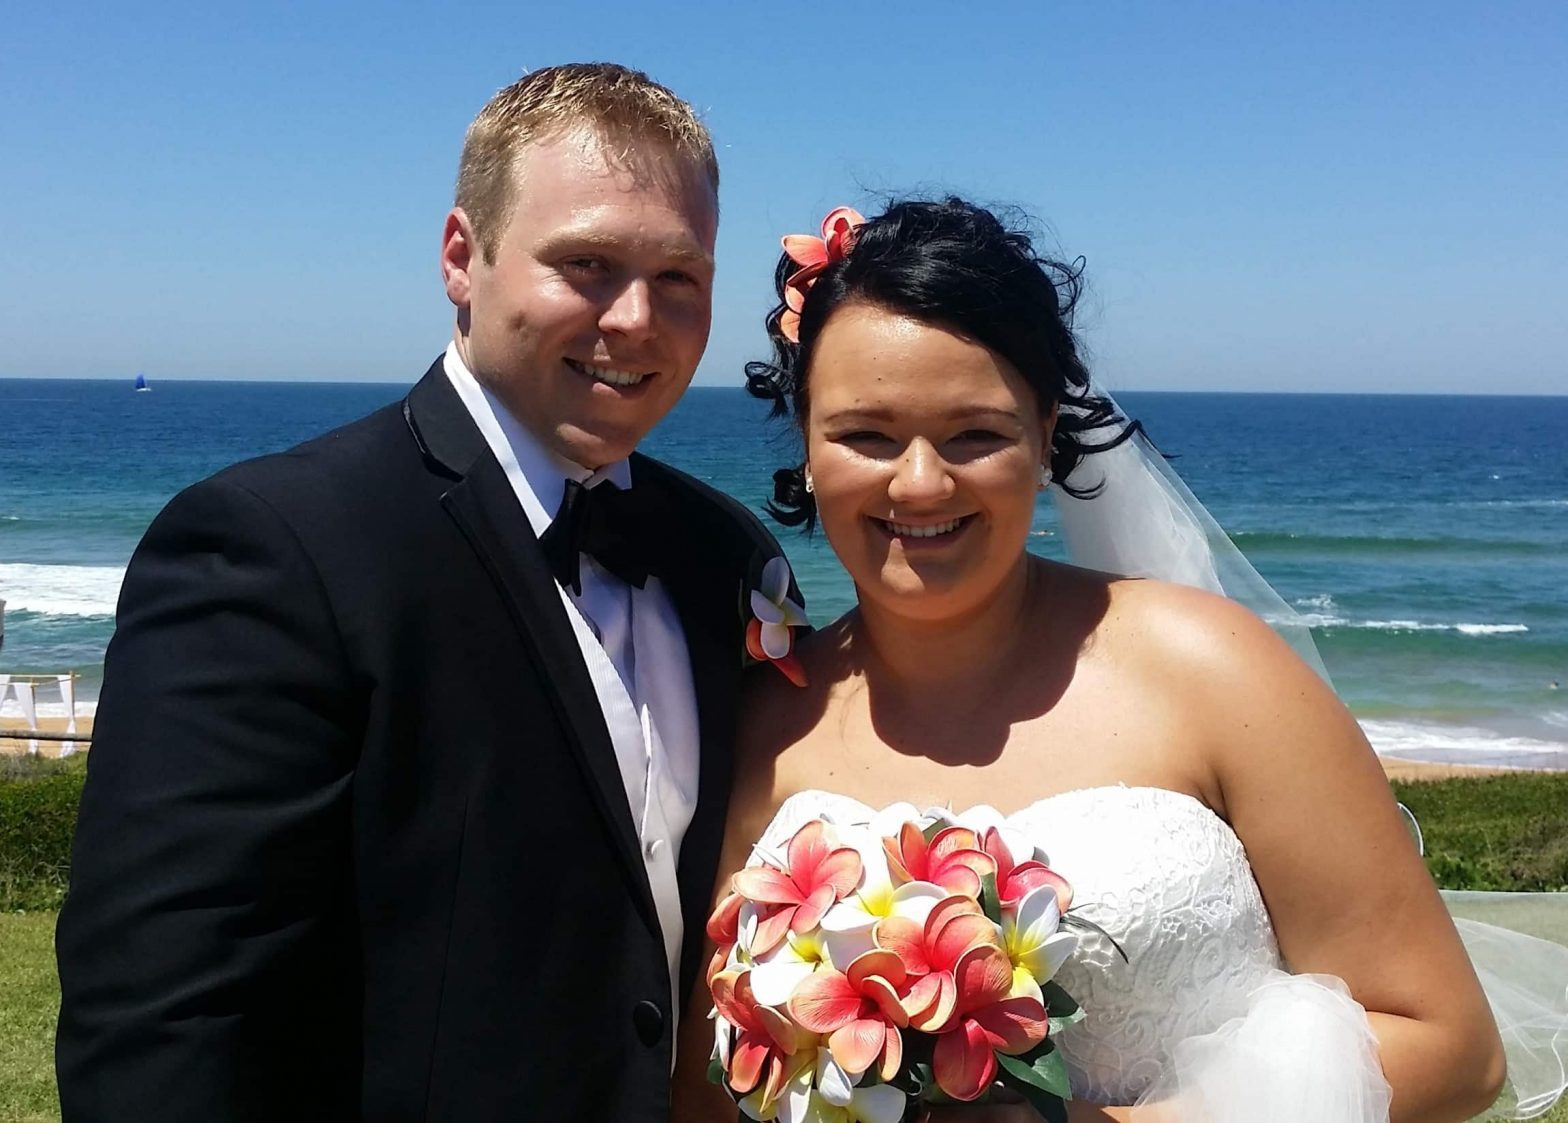 Greg & Sabrina on their wedding day - beach wedding outdoor clear blue skies